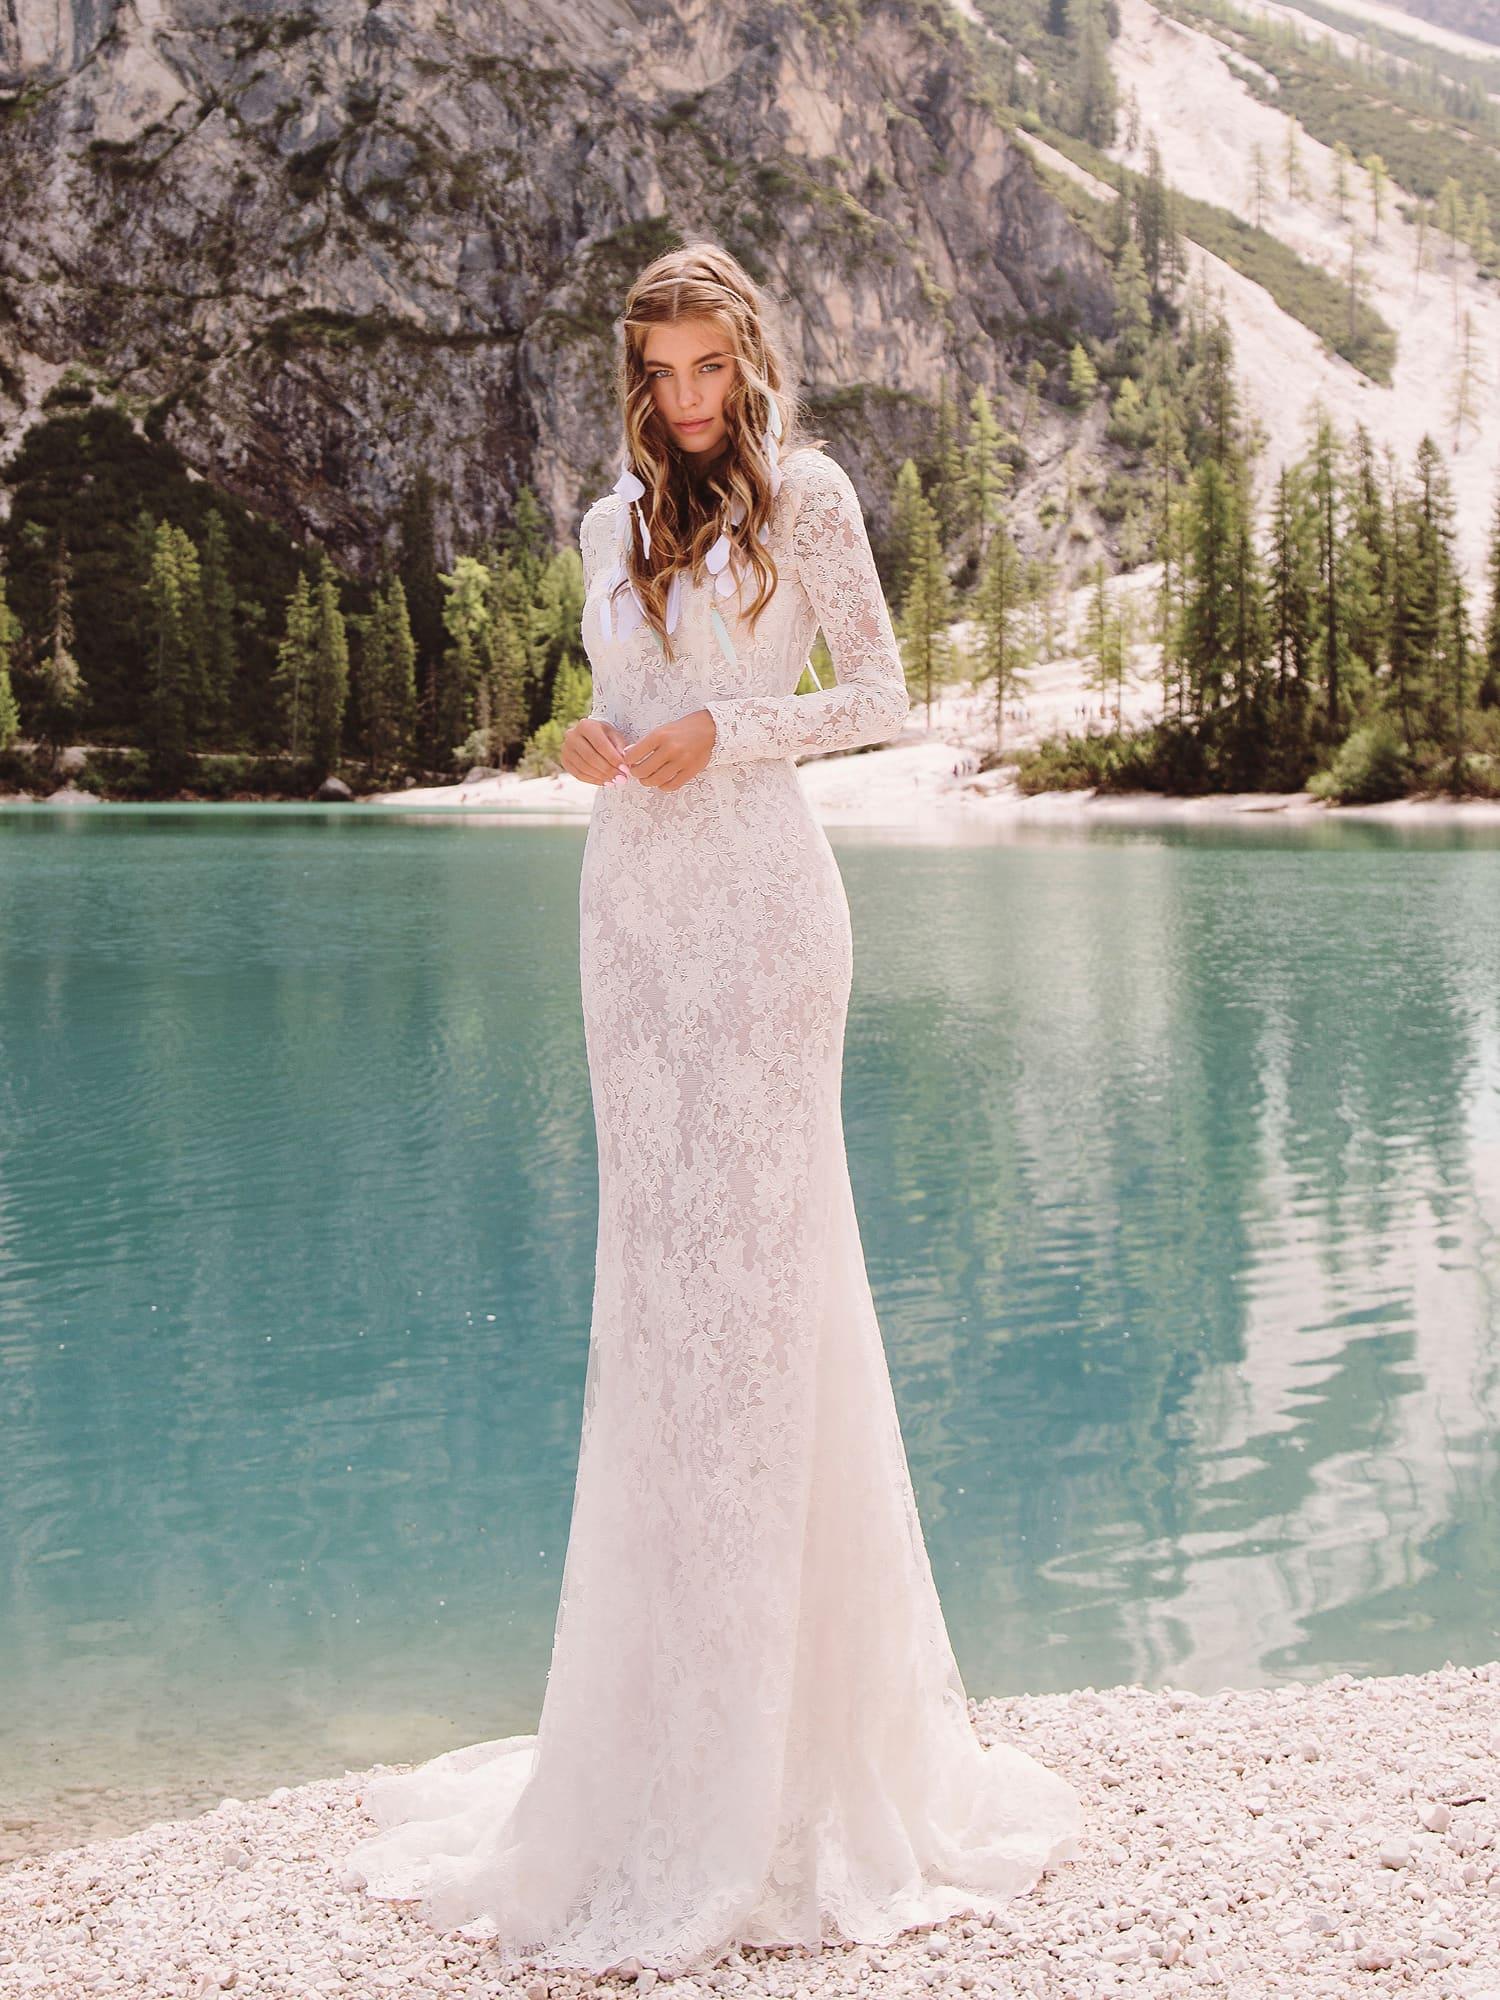 венчальное платье купить в спб